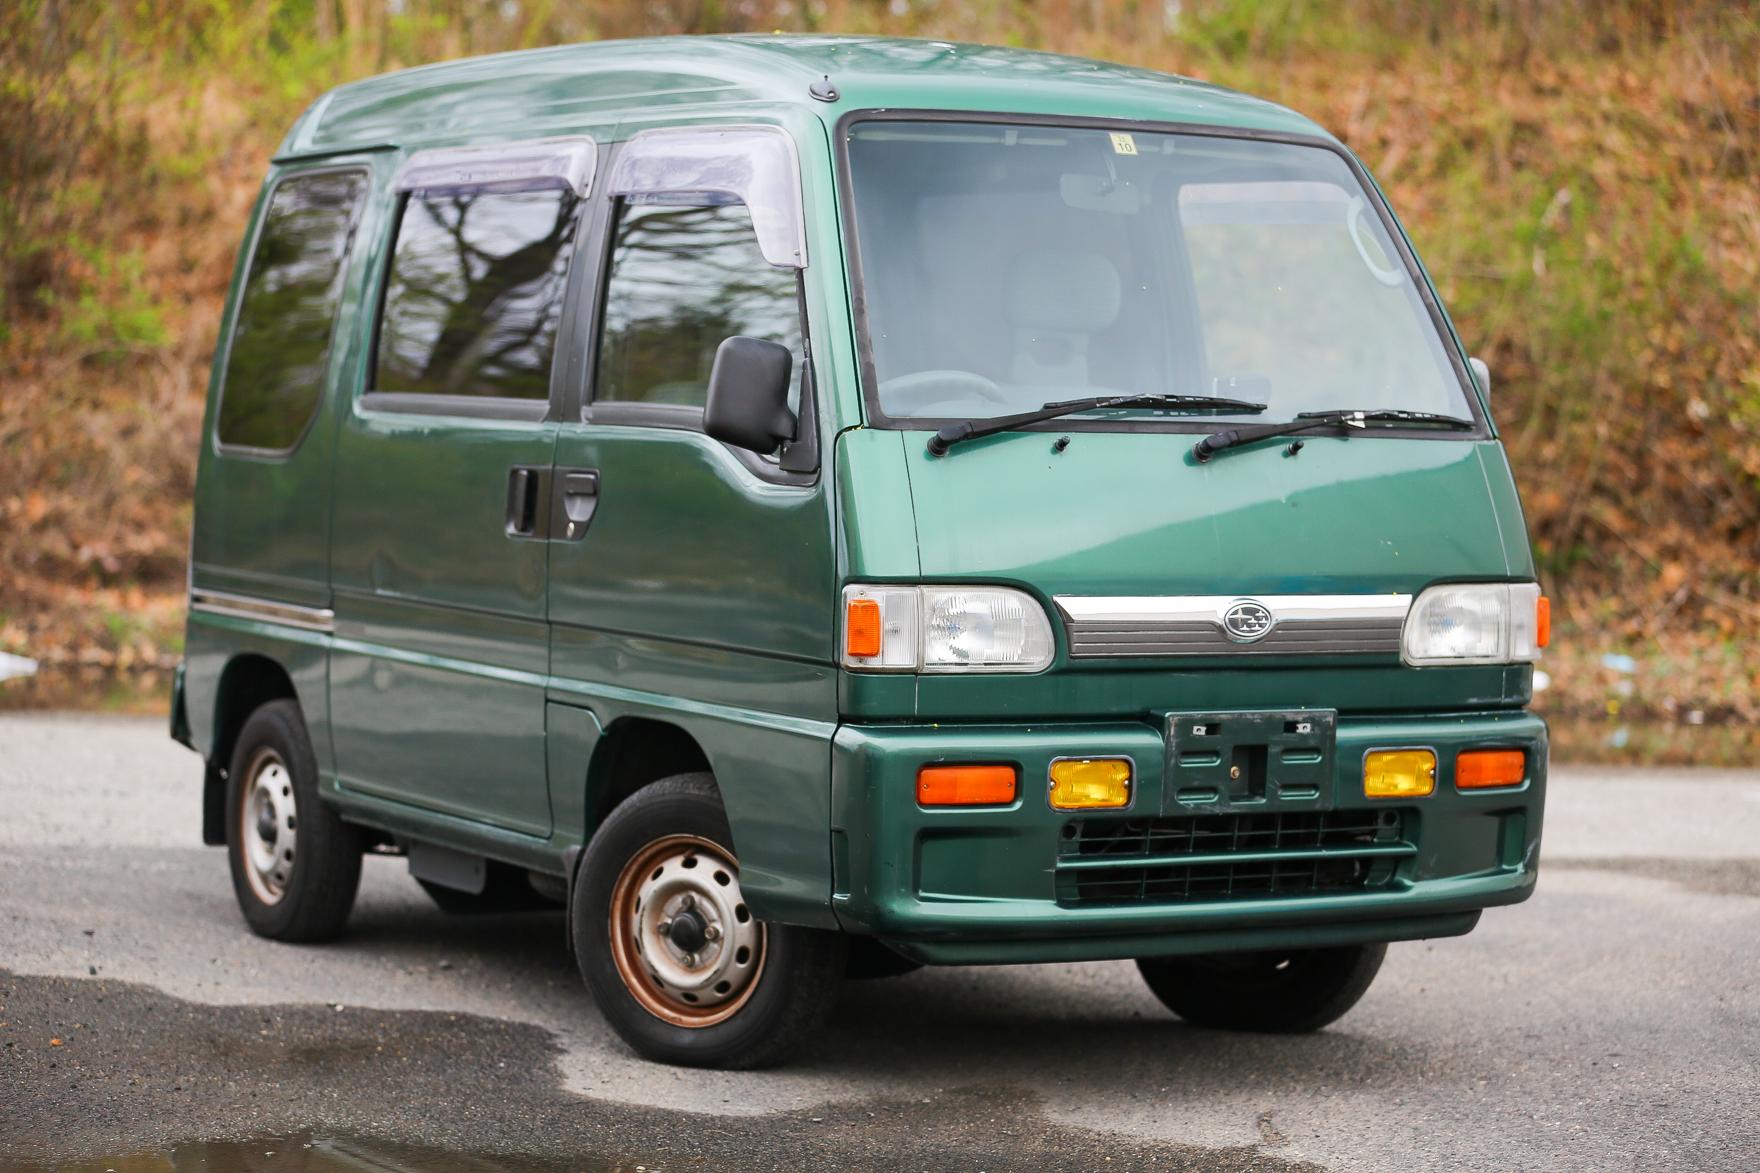 1996 Subaru Sambar Van - $8,500